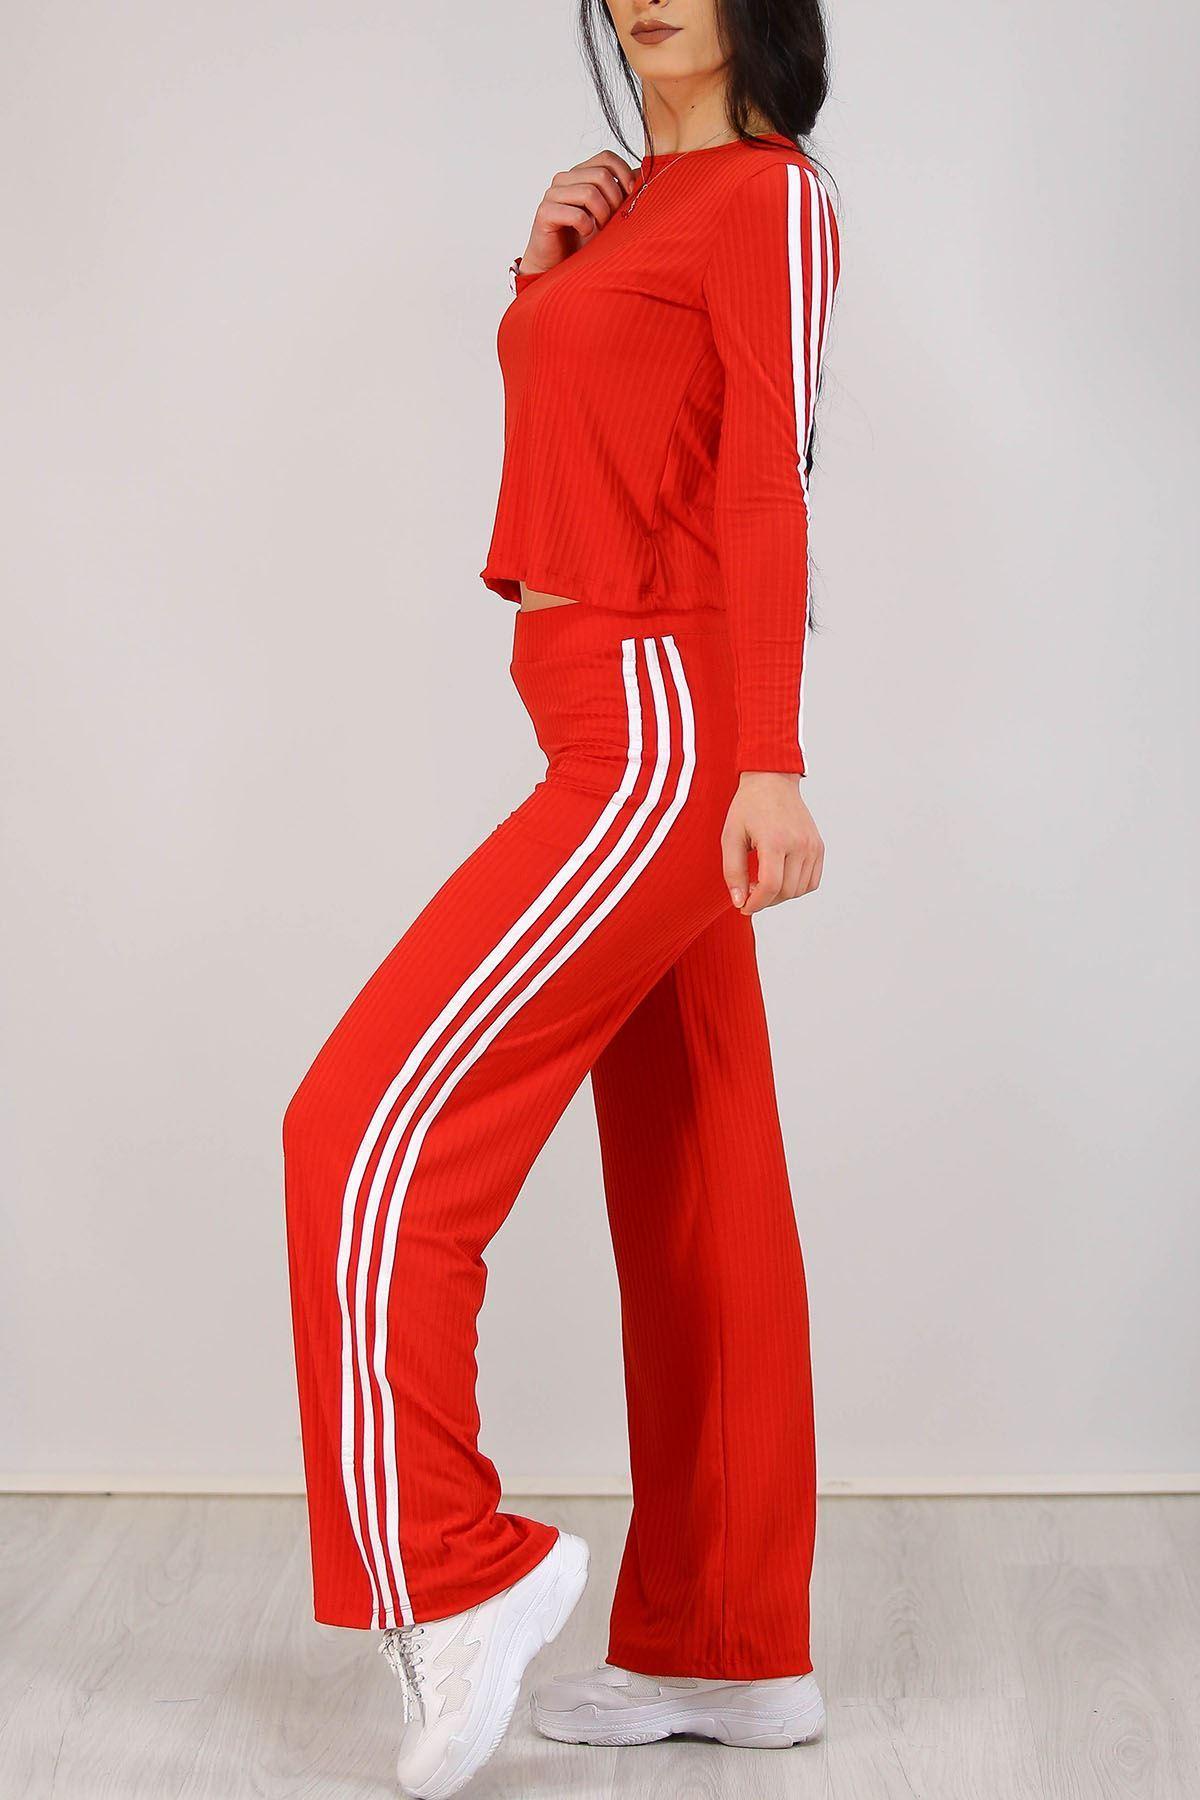 Şeritli İkili Takım Kırmızı - 5255.994.